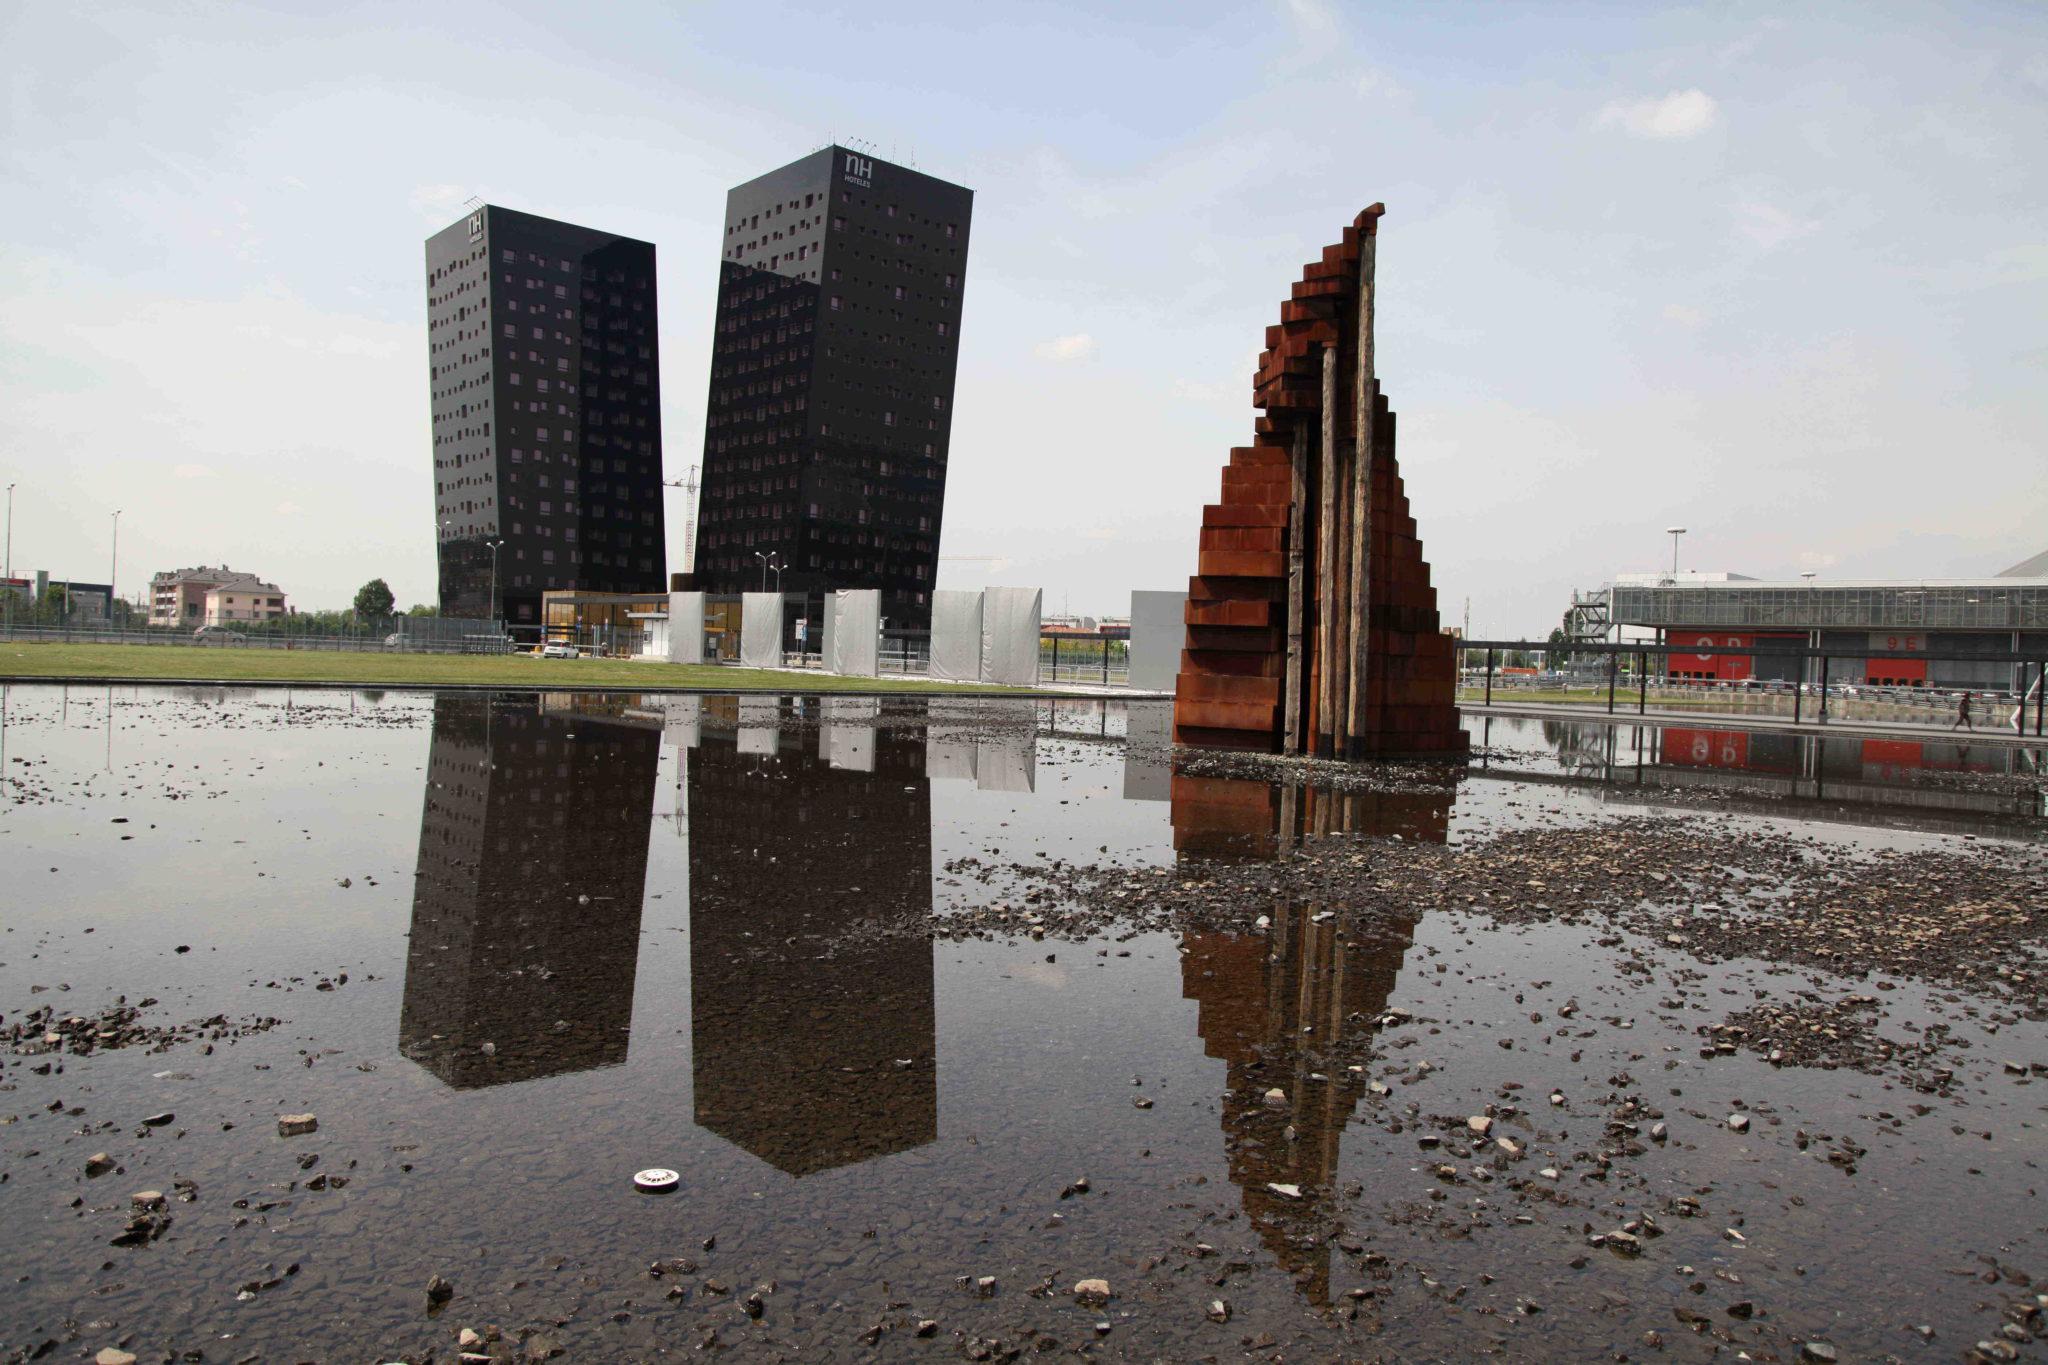 Maria Cristina Carlini, La nuova città che sale